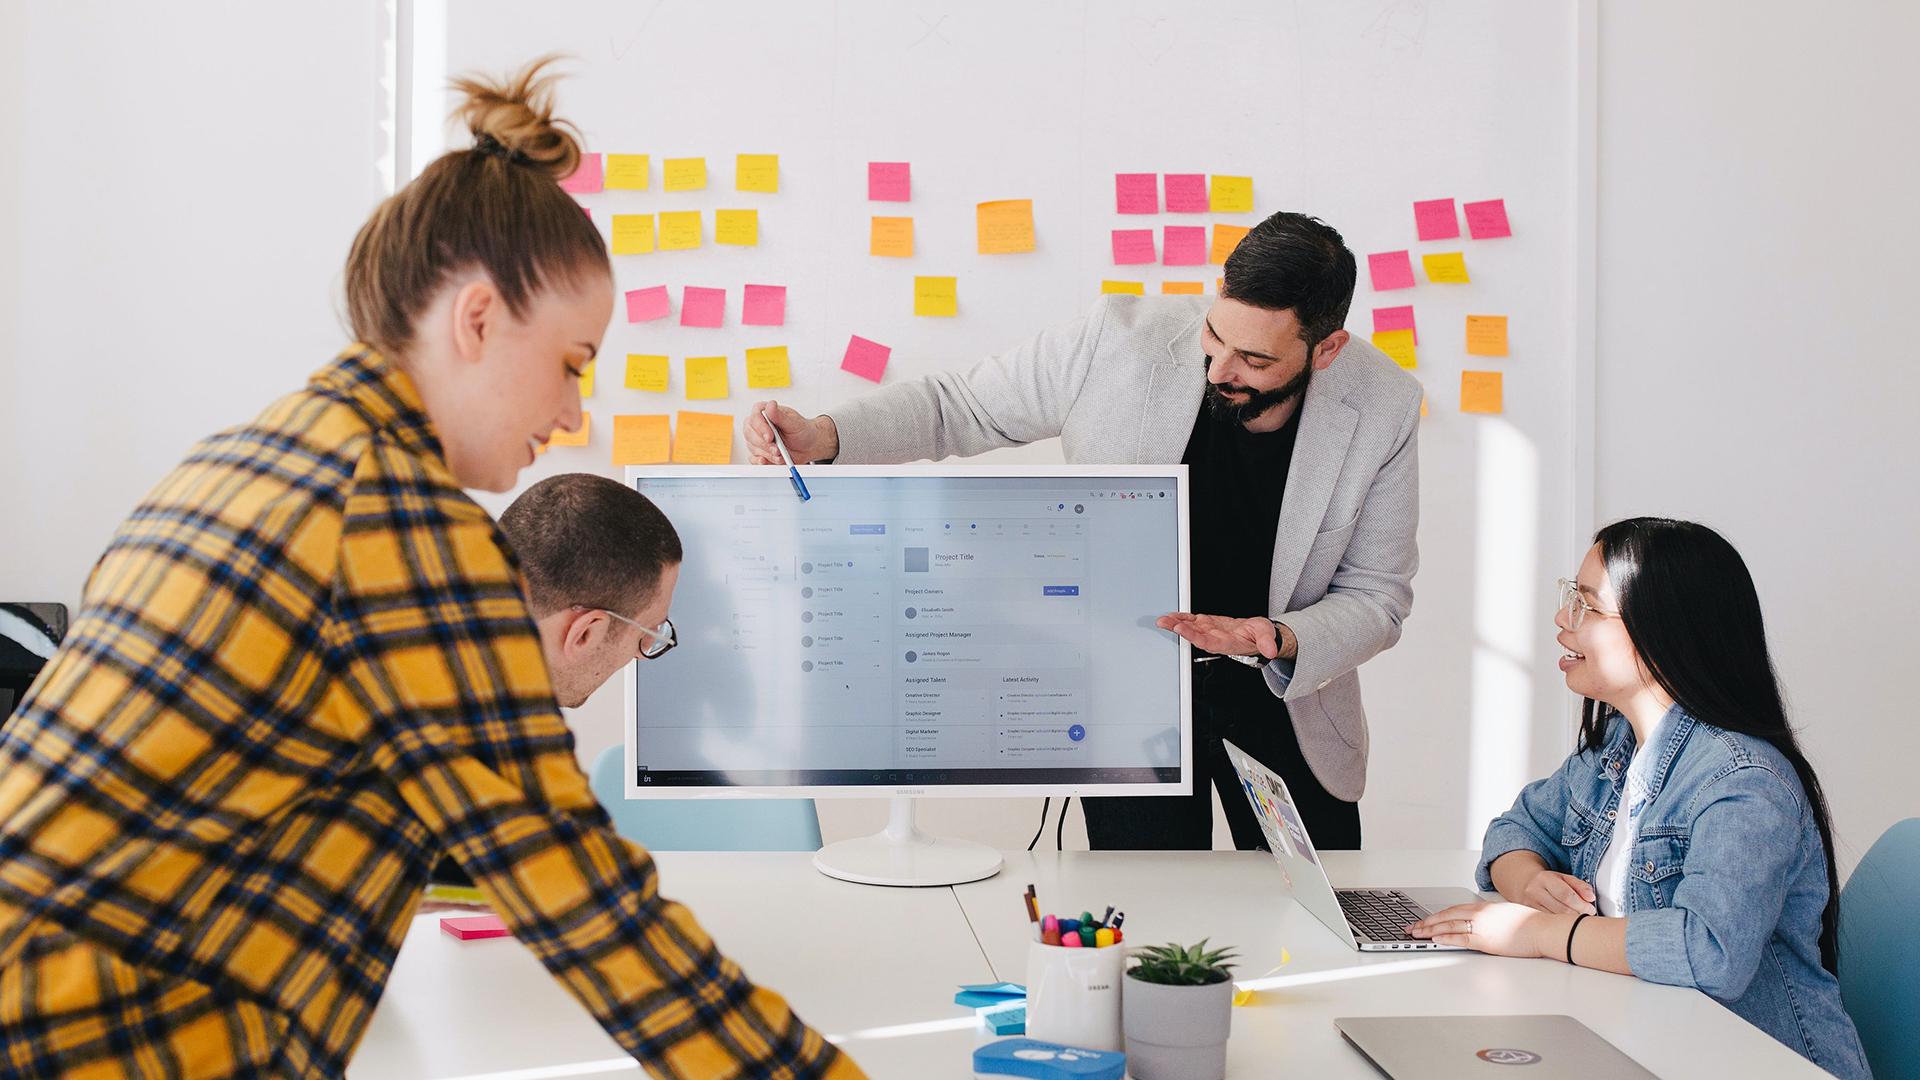 Diseñar experiencias significativas para las empresas